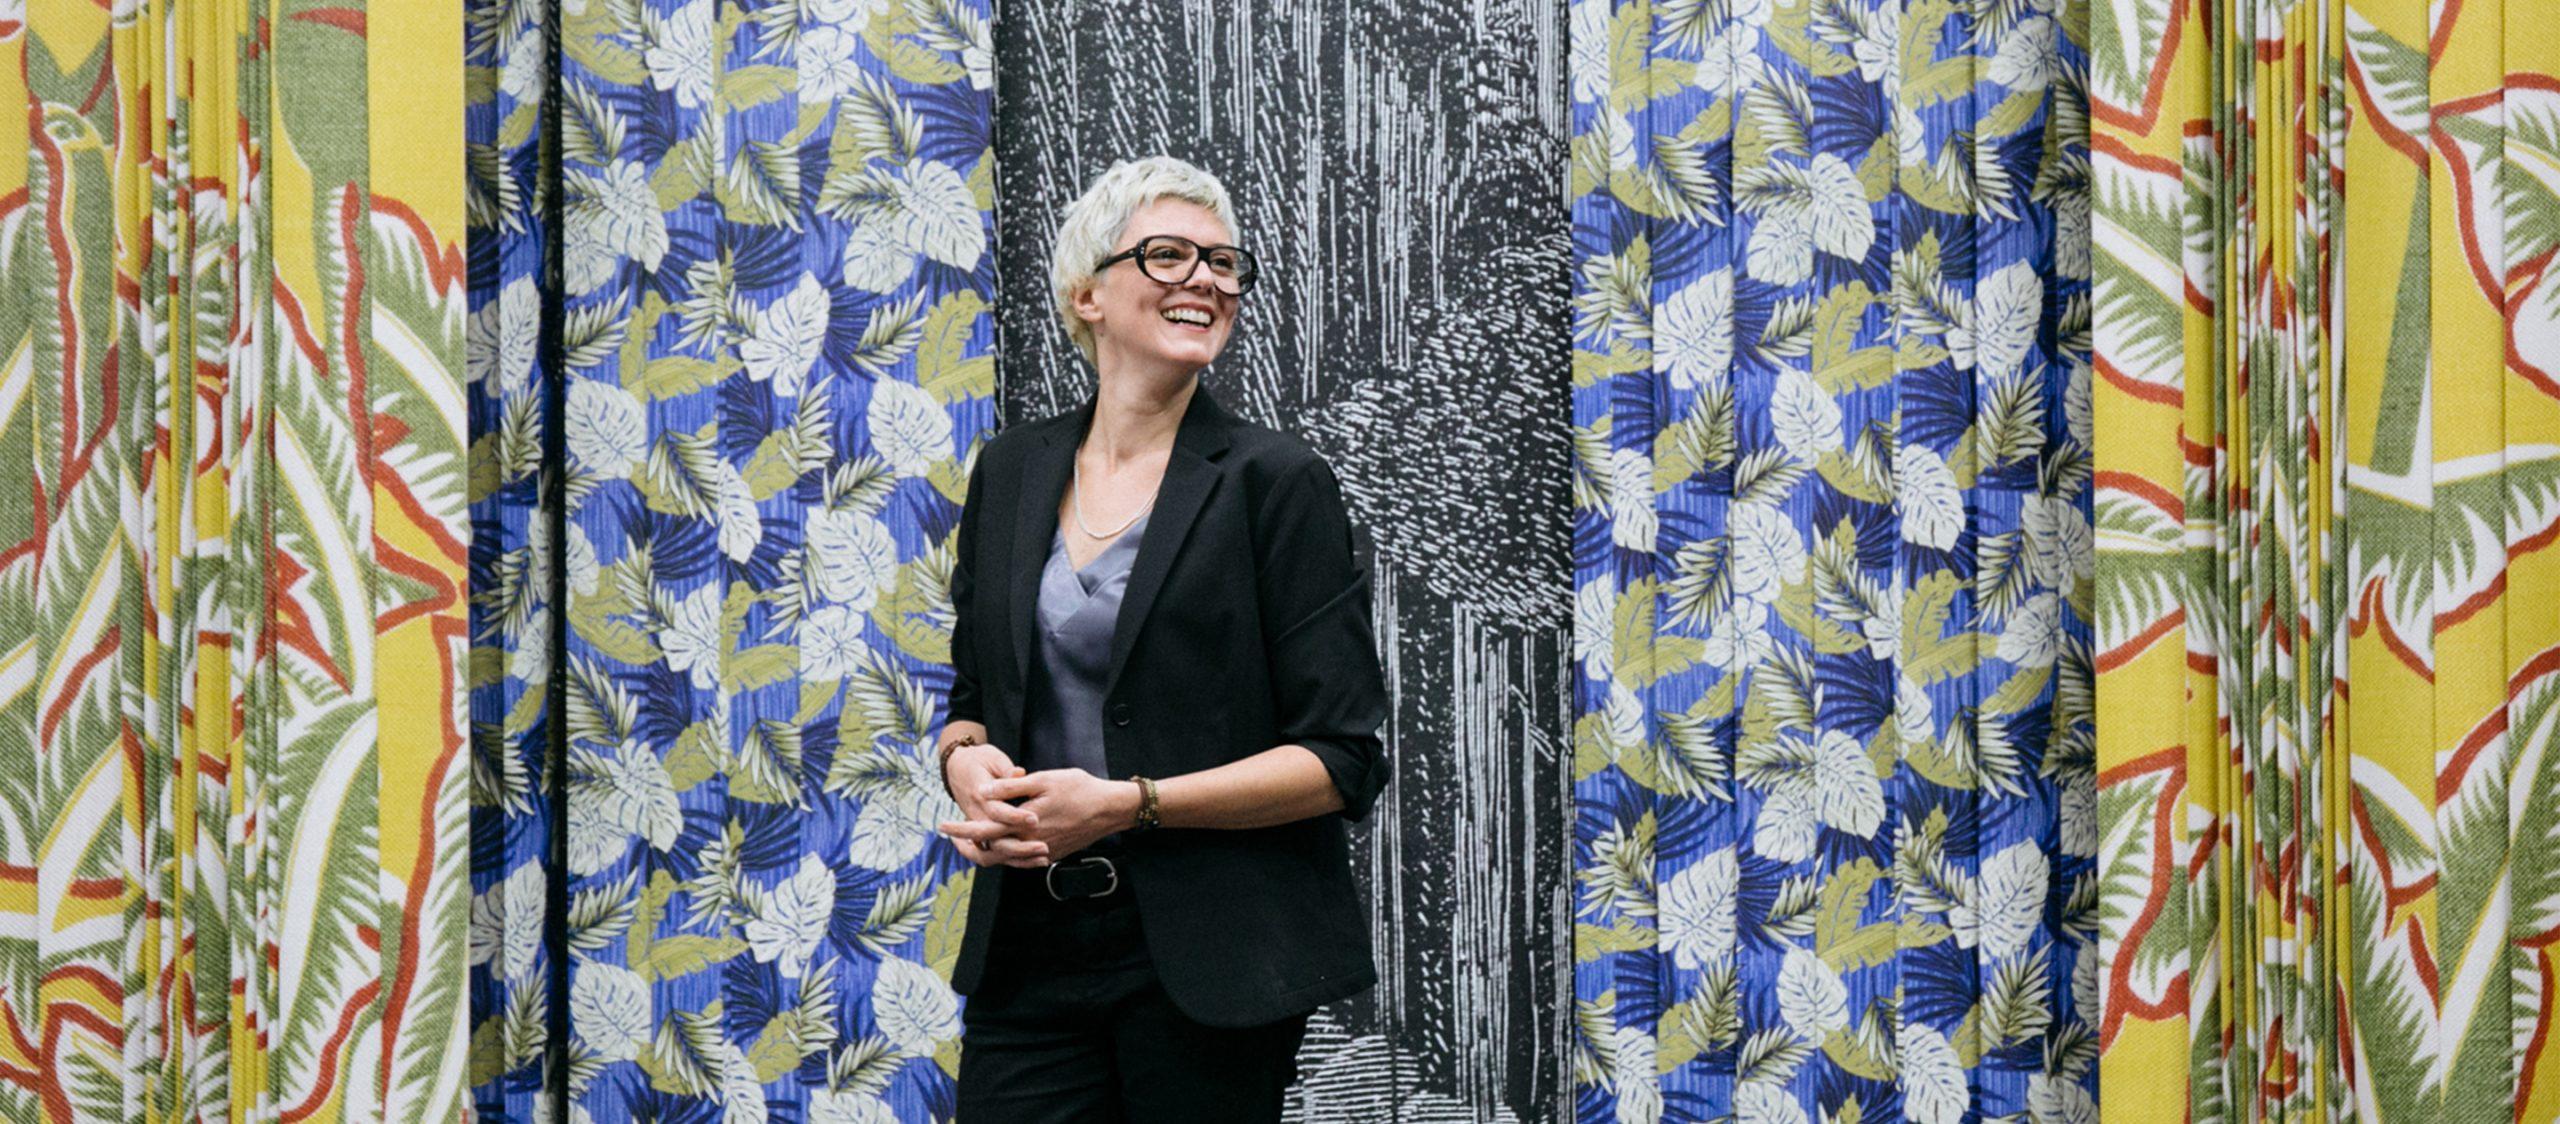 Vanessa Silvy : ทำไมสถานทูตฝรั่งเศสต้องจัด Galleries' Night? คนไทยได้อะไรจากงานนี้?